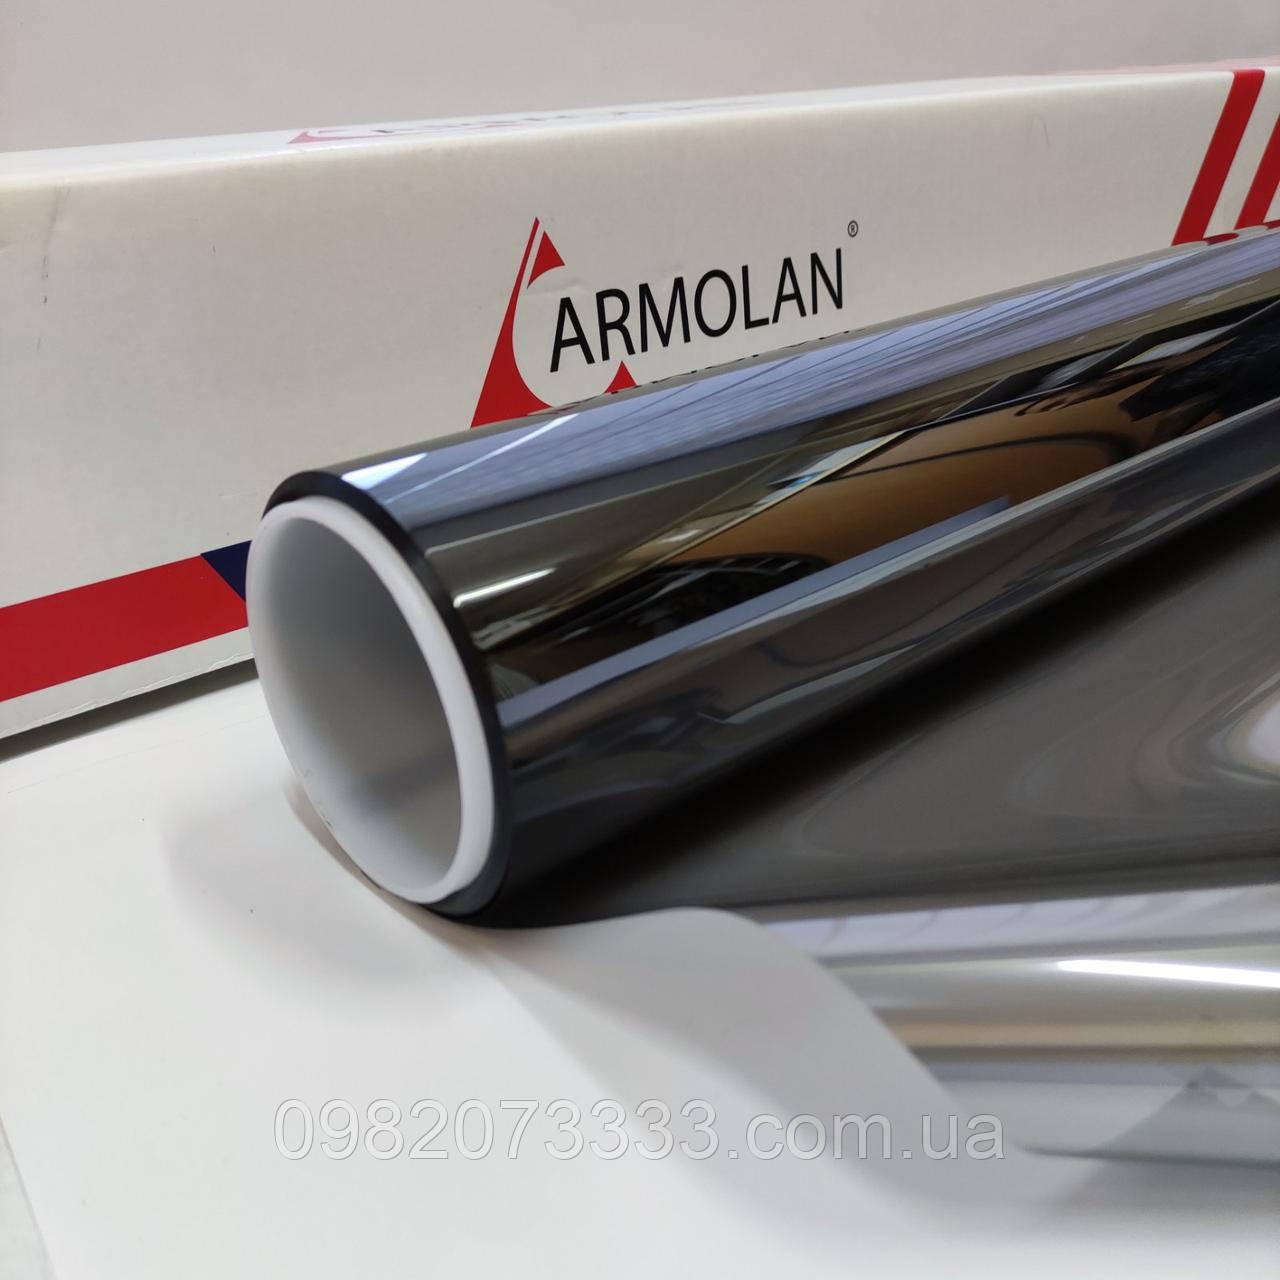 Armolan HP Platinum 35 солнцезащитная металлизированная плёнка для внутренней поклейки (1,524) (пм)